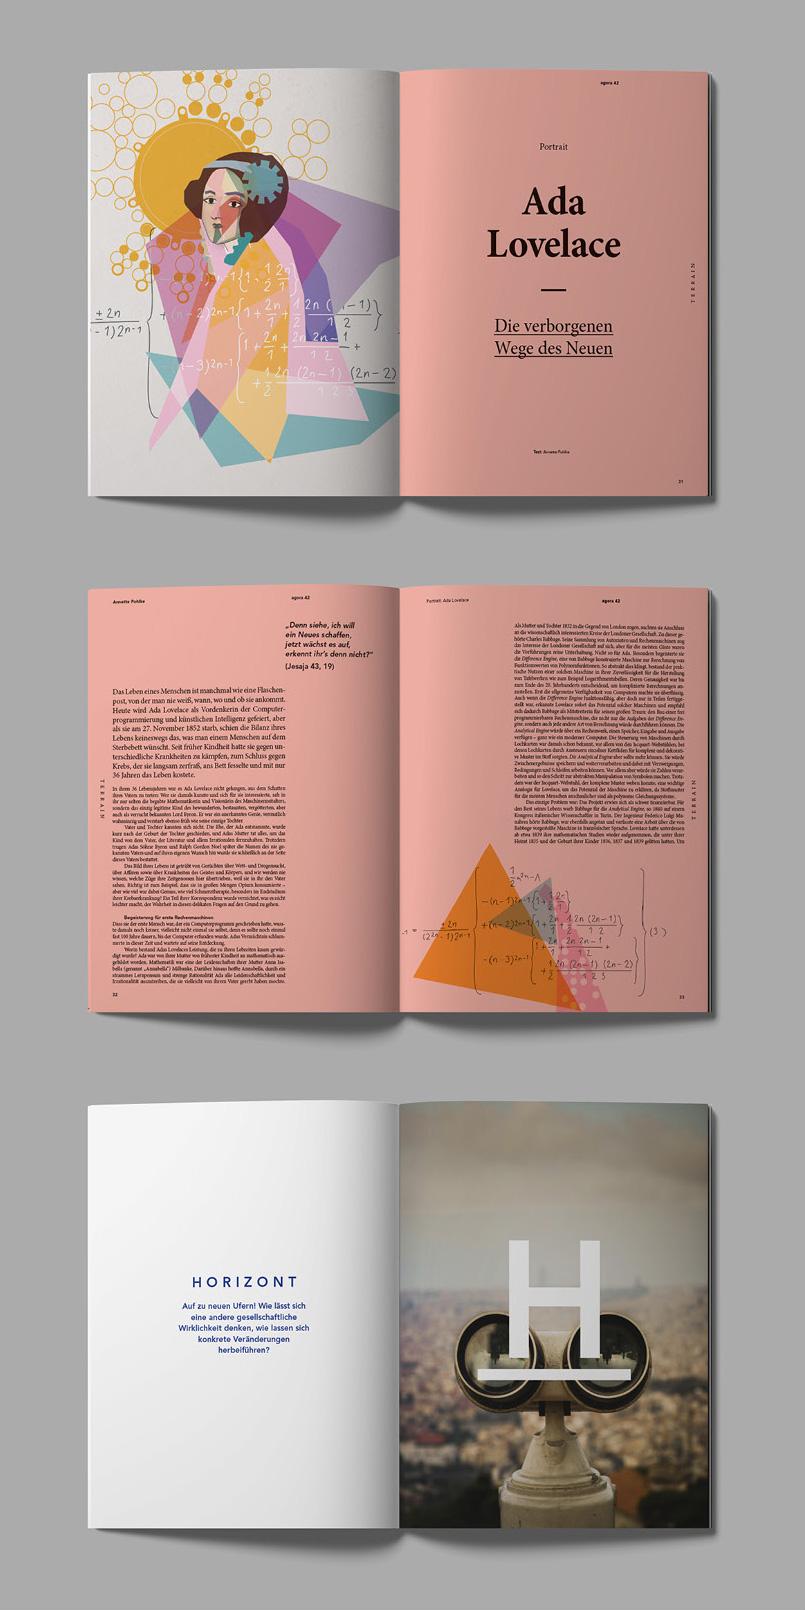 2DMBO-Studio-für-Gestaltung-Pforzheim-agora42-Philosophisch-magazine-design-editorial